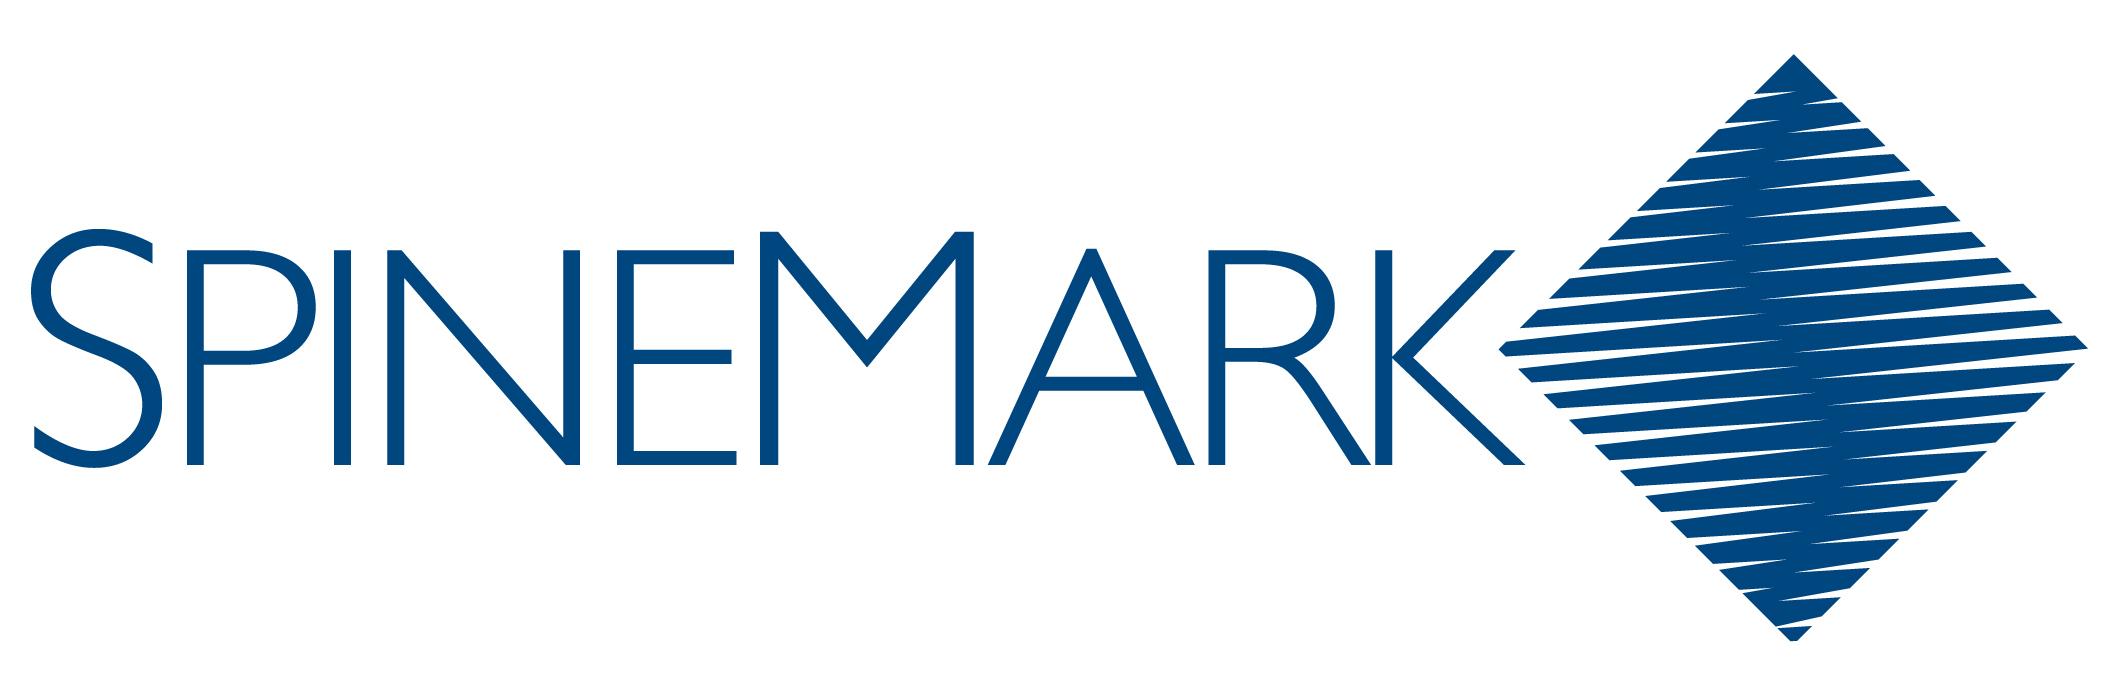 SM logo hires less white.jpg